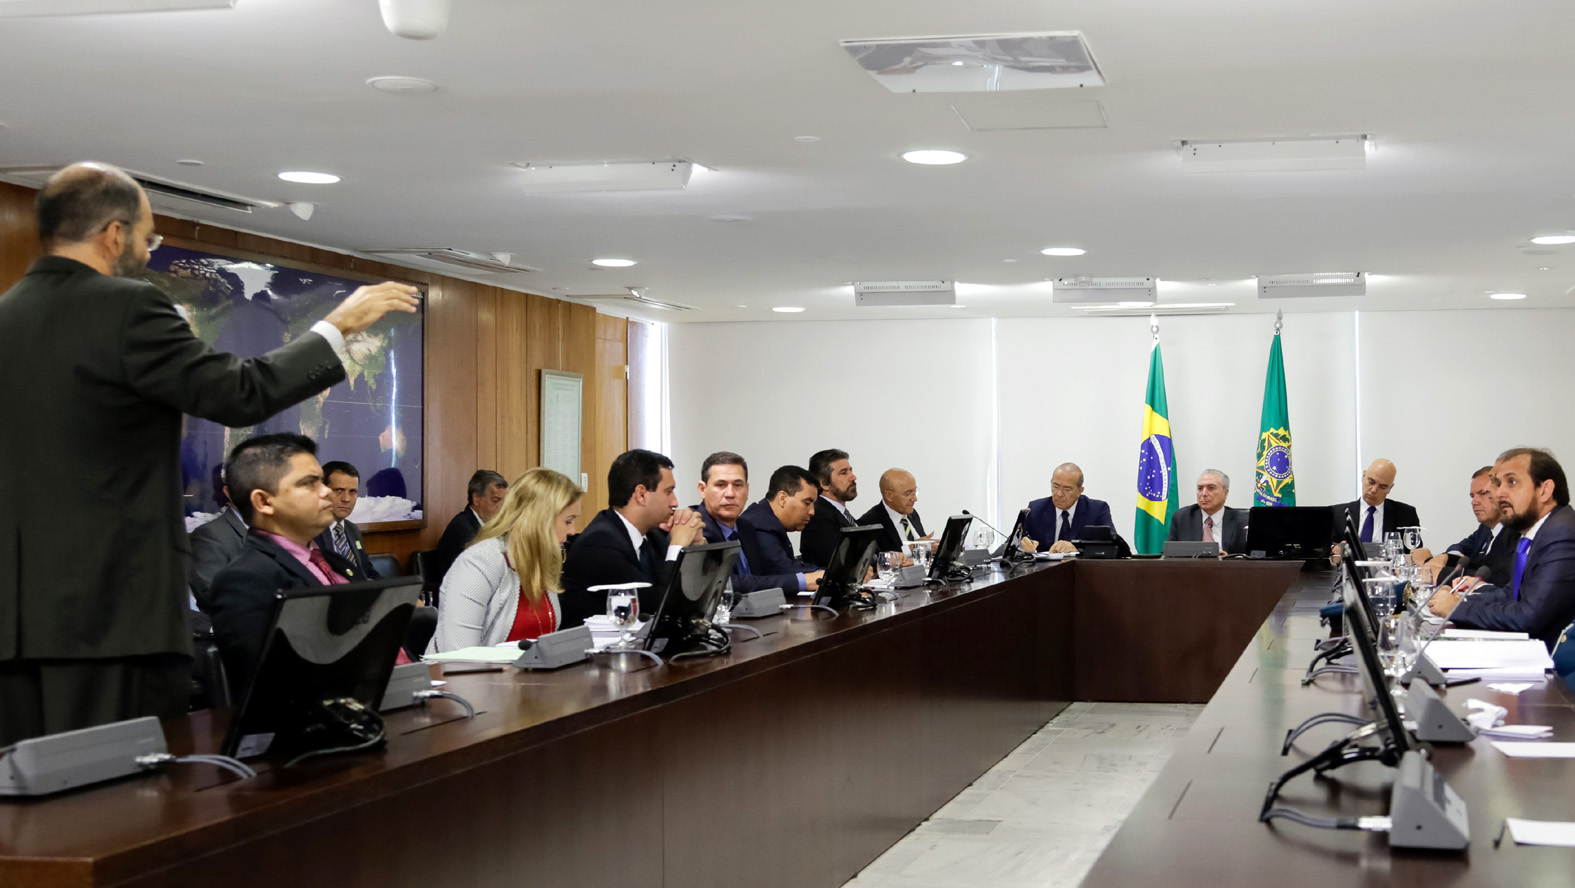 deputados-estaduais-acompanham-reuniao-sobre-regularizacao-fundiaria-com-temer.jpg